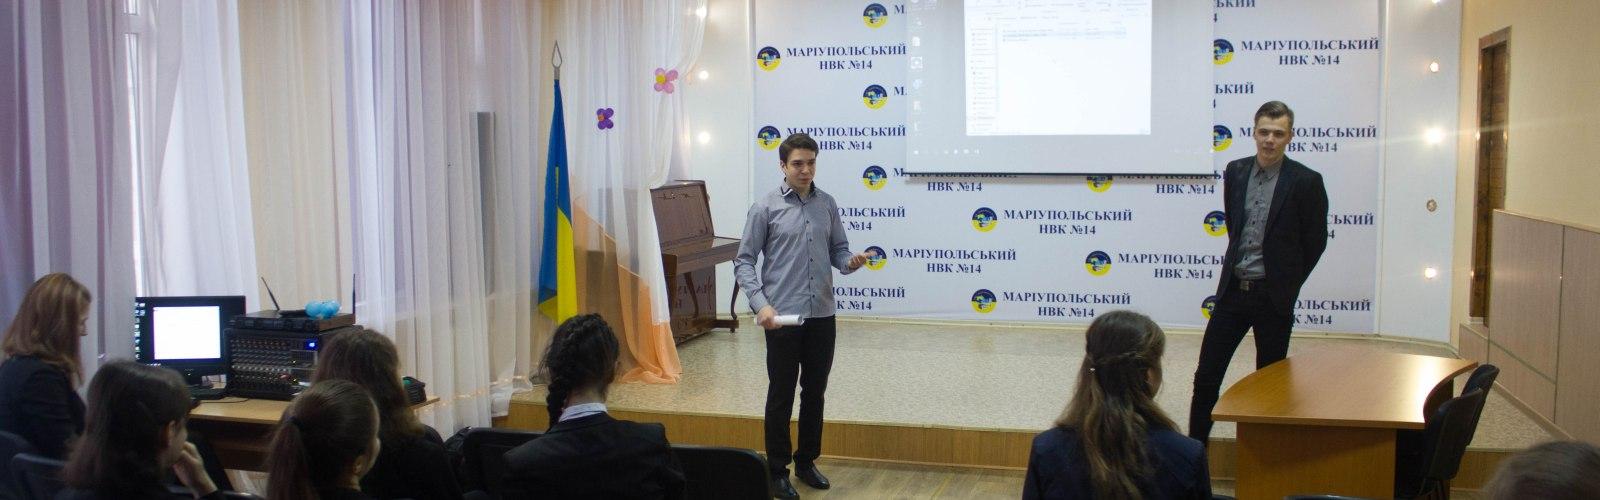 Благодійний Фонд «Карітас Маріуполь» та студенти ПДТУ зайнялися екологічним просвітництвом школярів